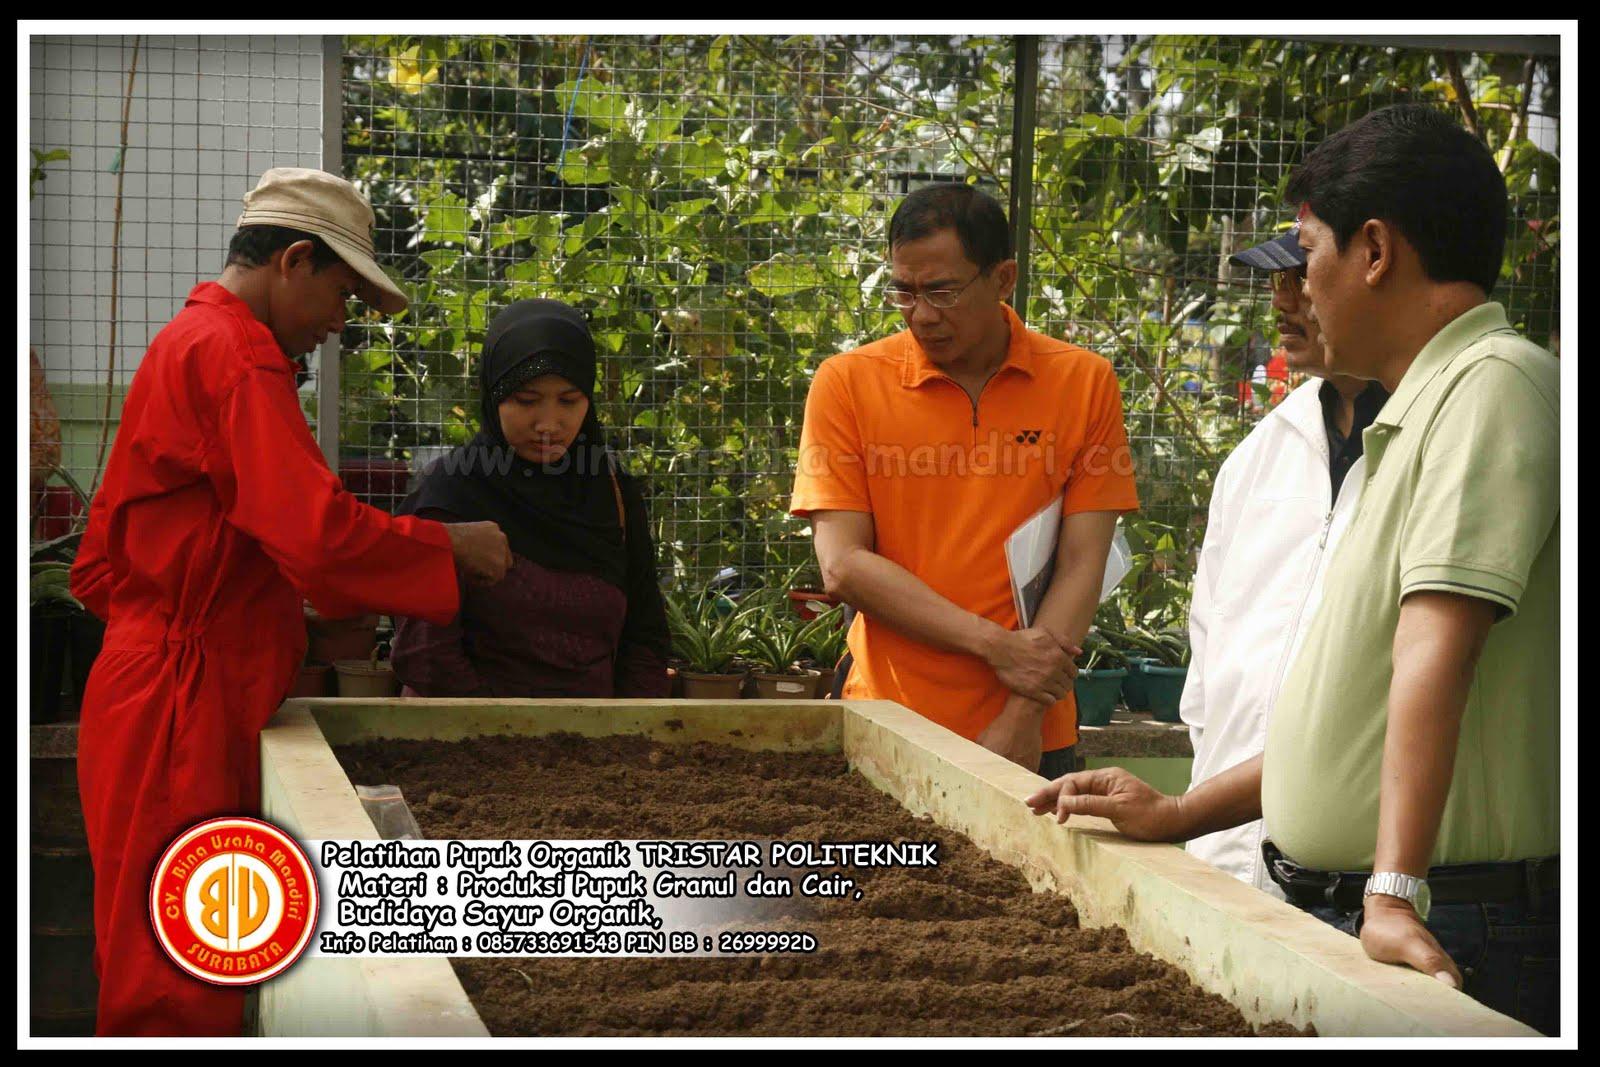 ... Produktif , Ternak Sapi, Kolam Lele & Pembangkit Listrik dari Biogas